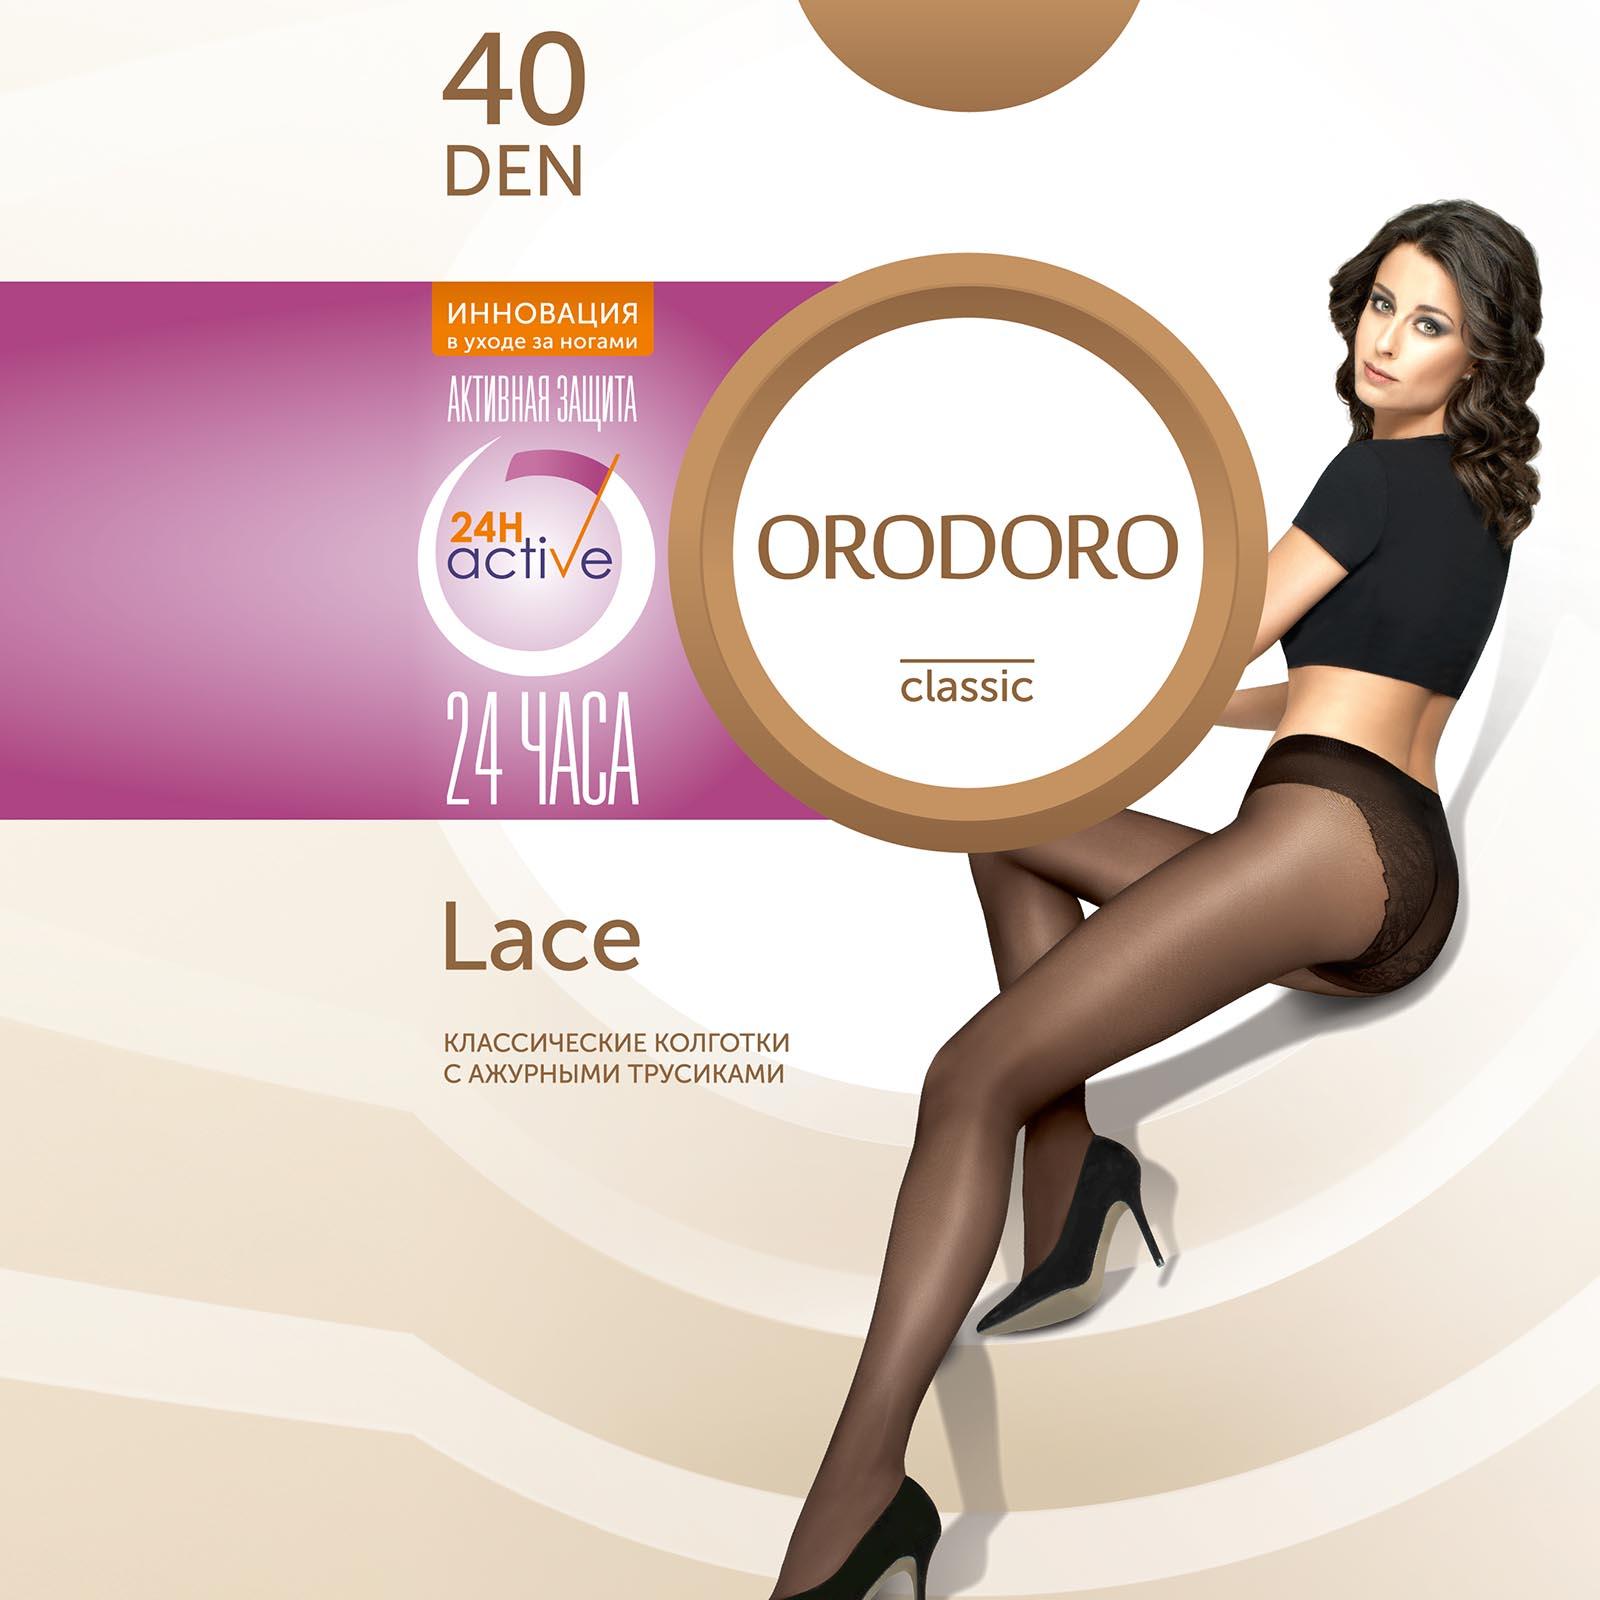 Комплект колготок «Активная защита 24 часа с ажурными трусиками» Orodoro 40 den